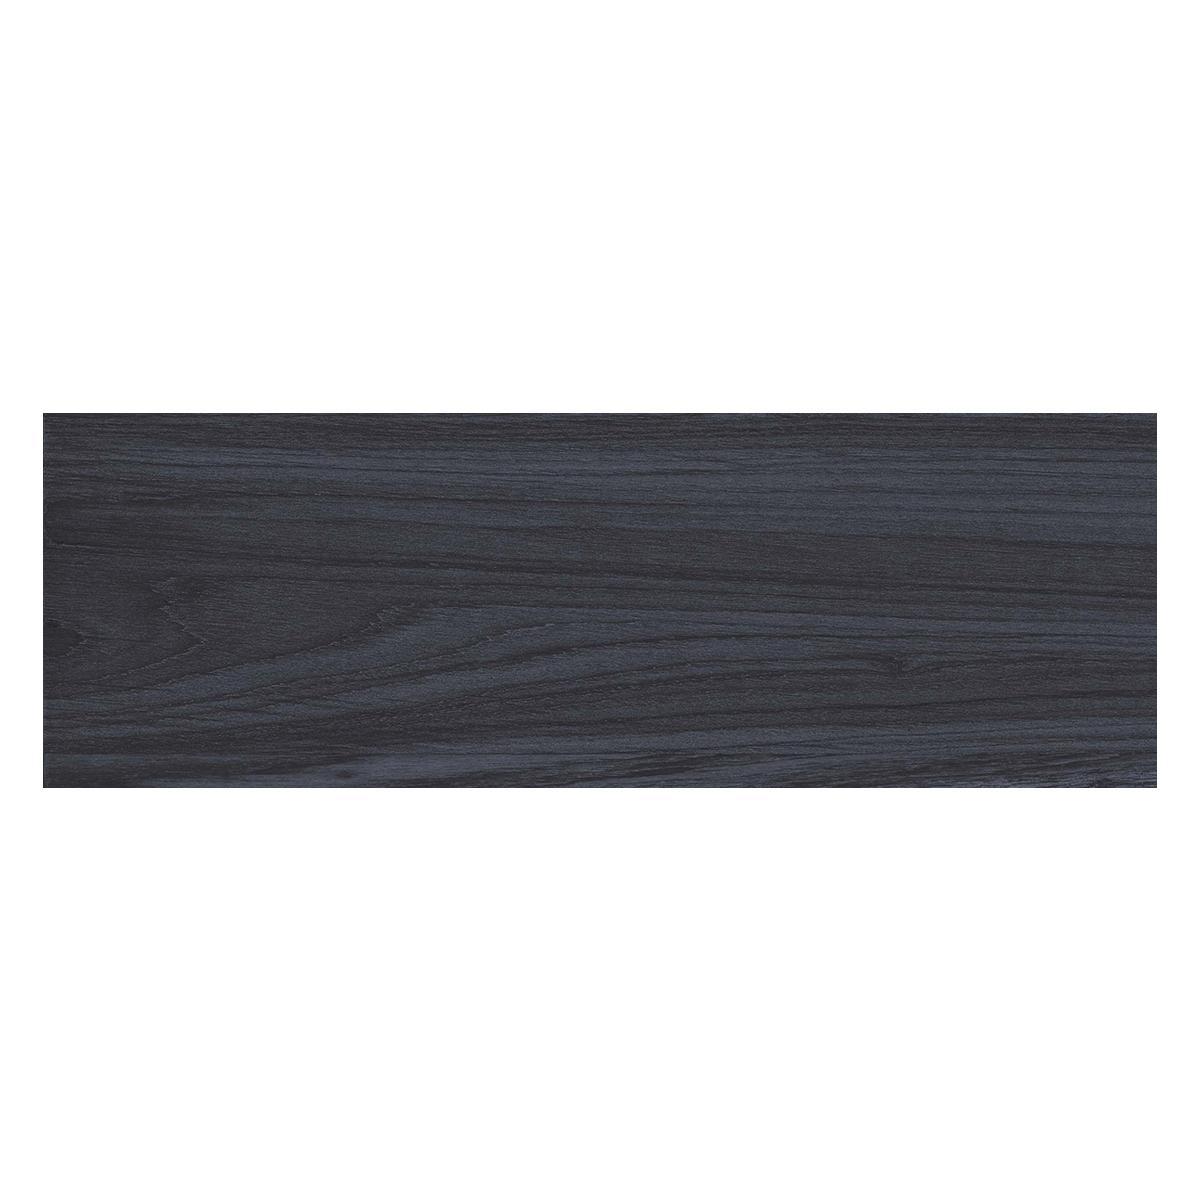 Piso Lucus Negro Mate - 19X60 cm - 1.53 m2